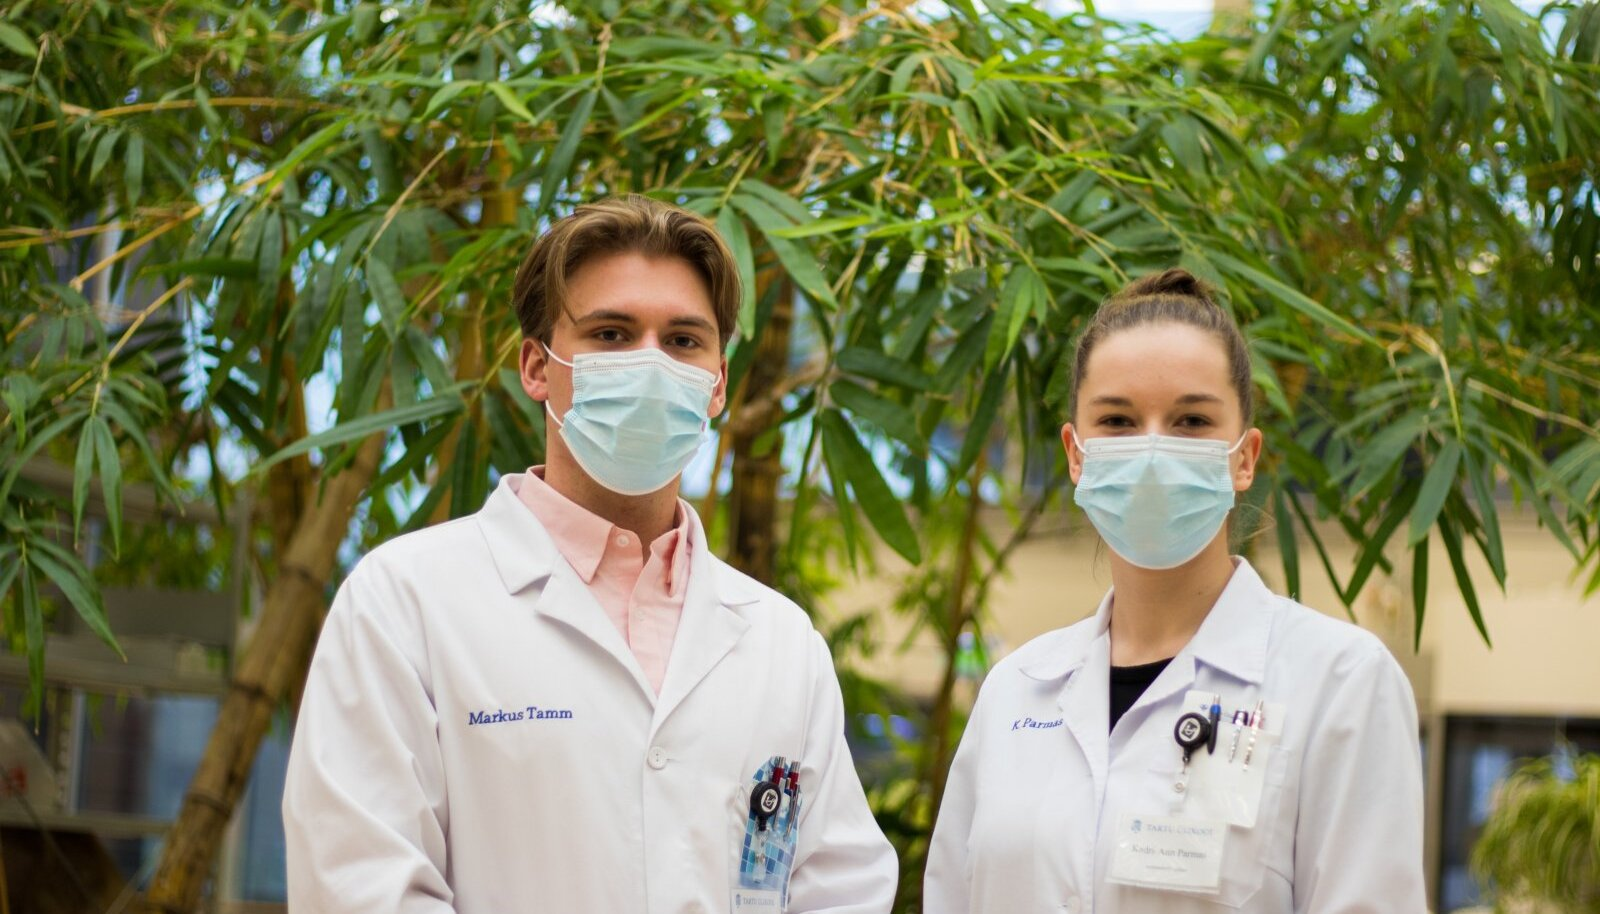 Neljanda kursuse tudengid Kadri-Ann Parmas ja Markus Tamm peavad haiglatele appiminekut endastmõistetavaks. Noored meditsiinitöötajad tegutsevad missioonitundest.